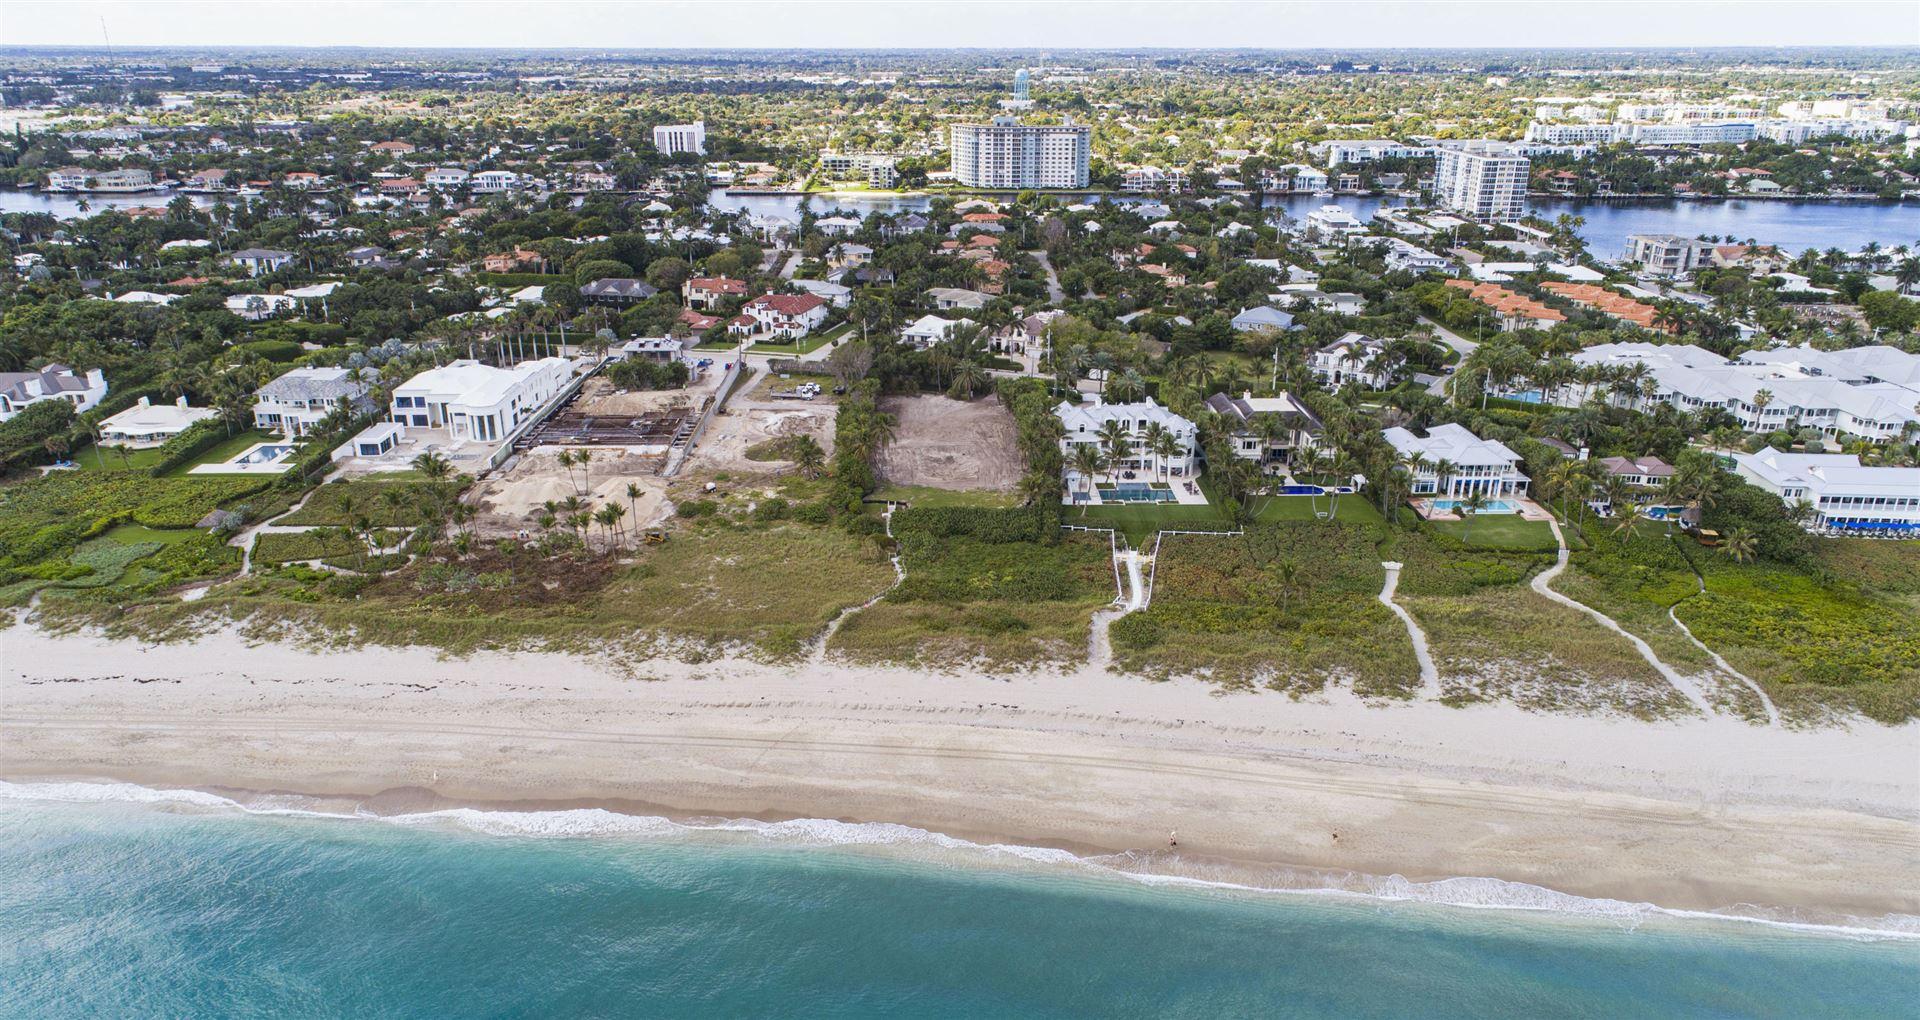 611 Ocean, Delray Beach, 33483 Photo 1